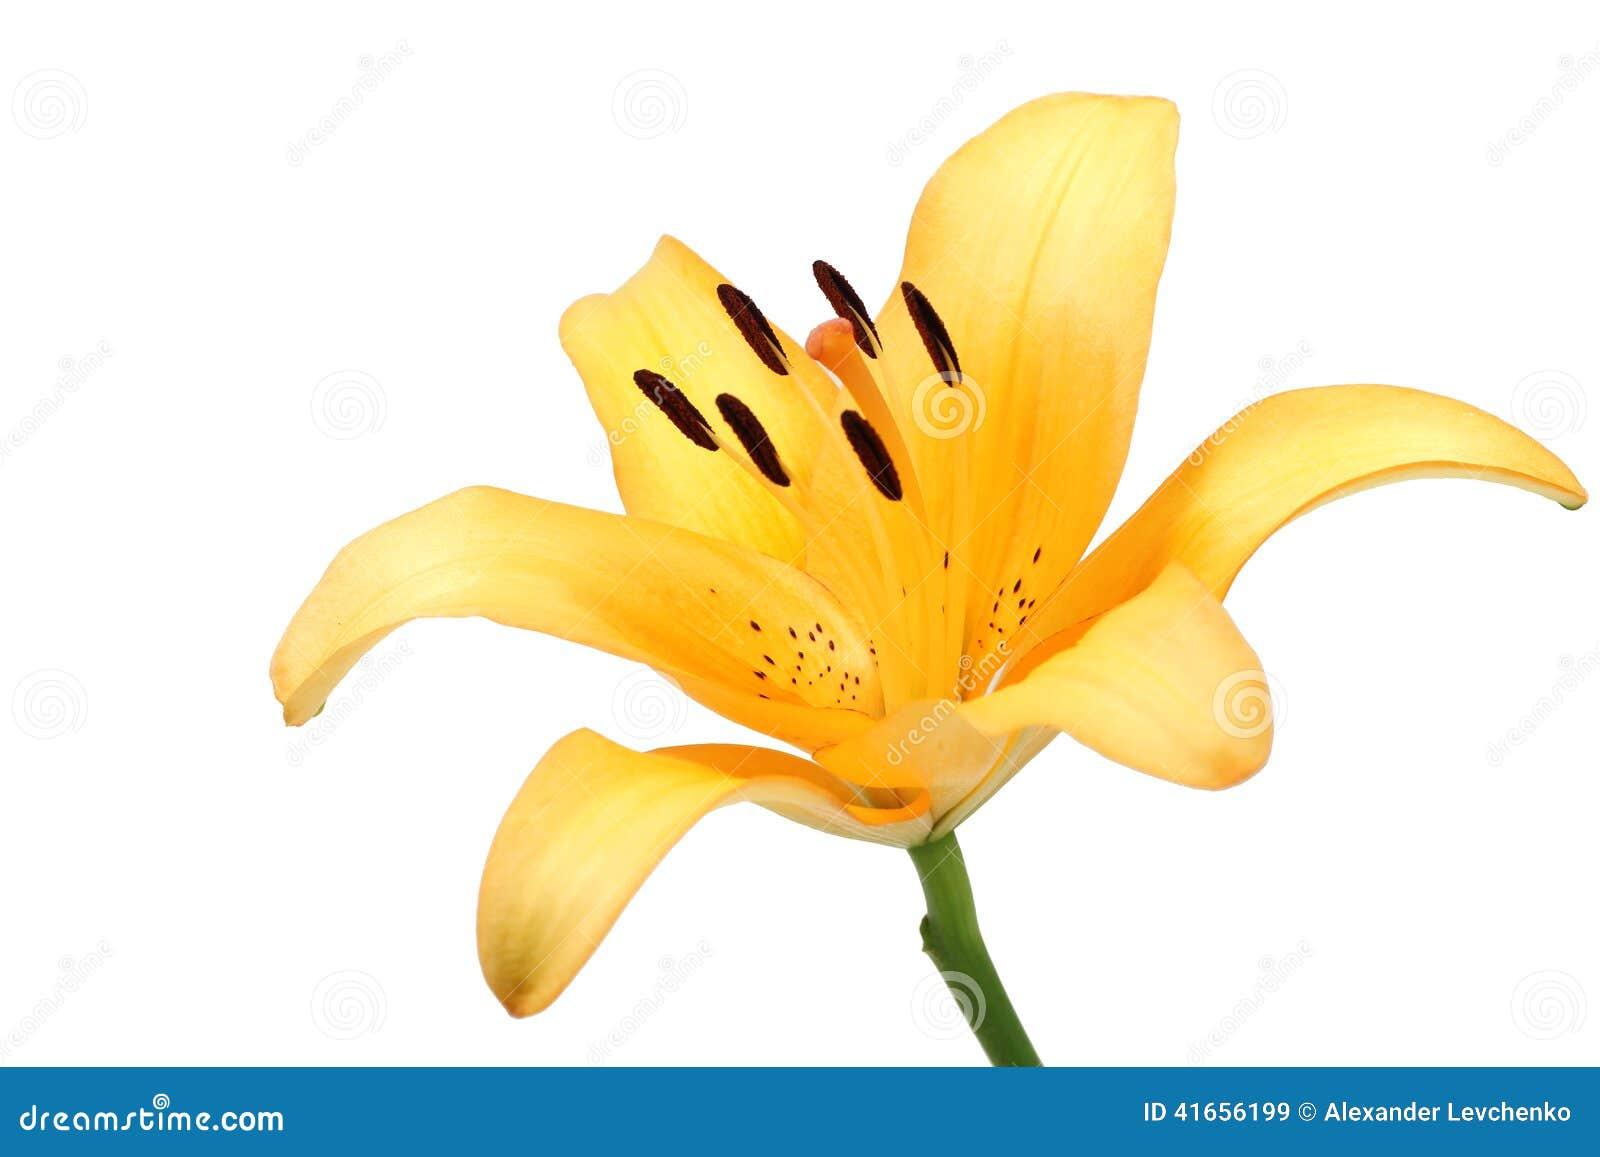 Оранжевый изолированный цветок лилии